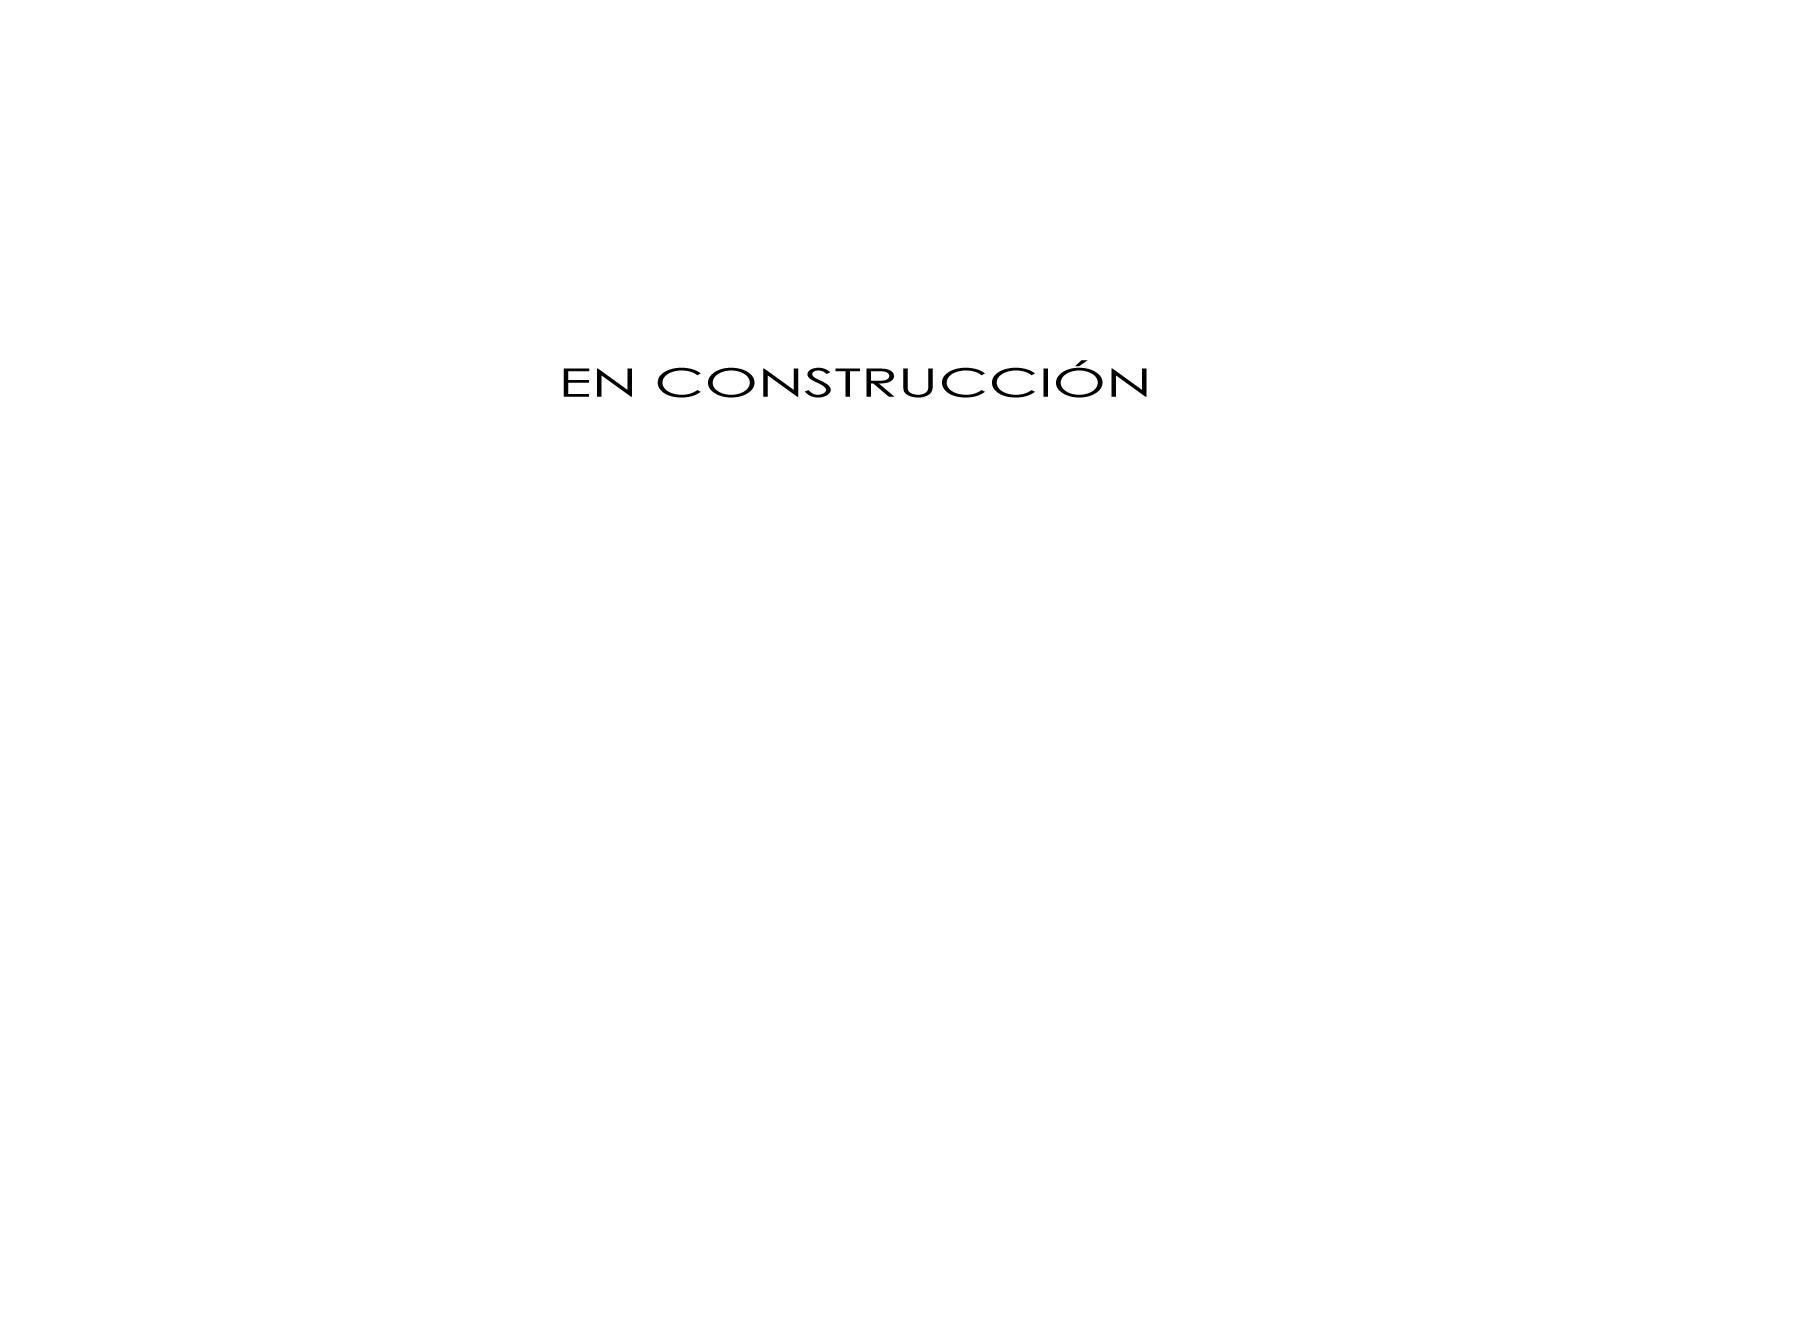 ENCONSTRUCCIÓN